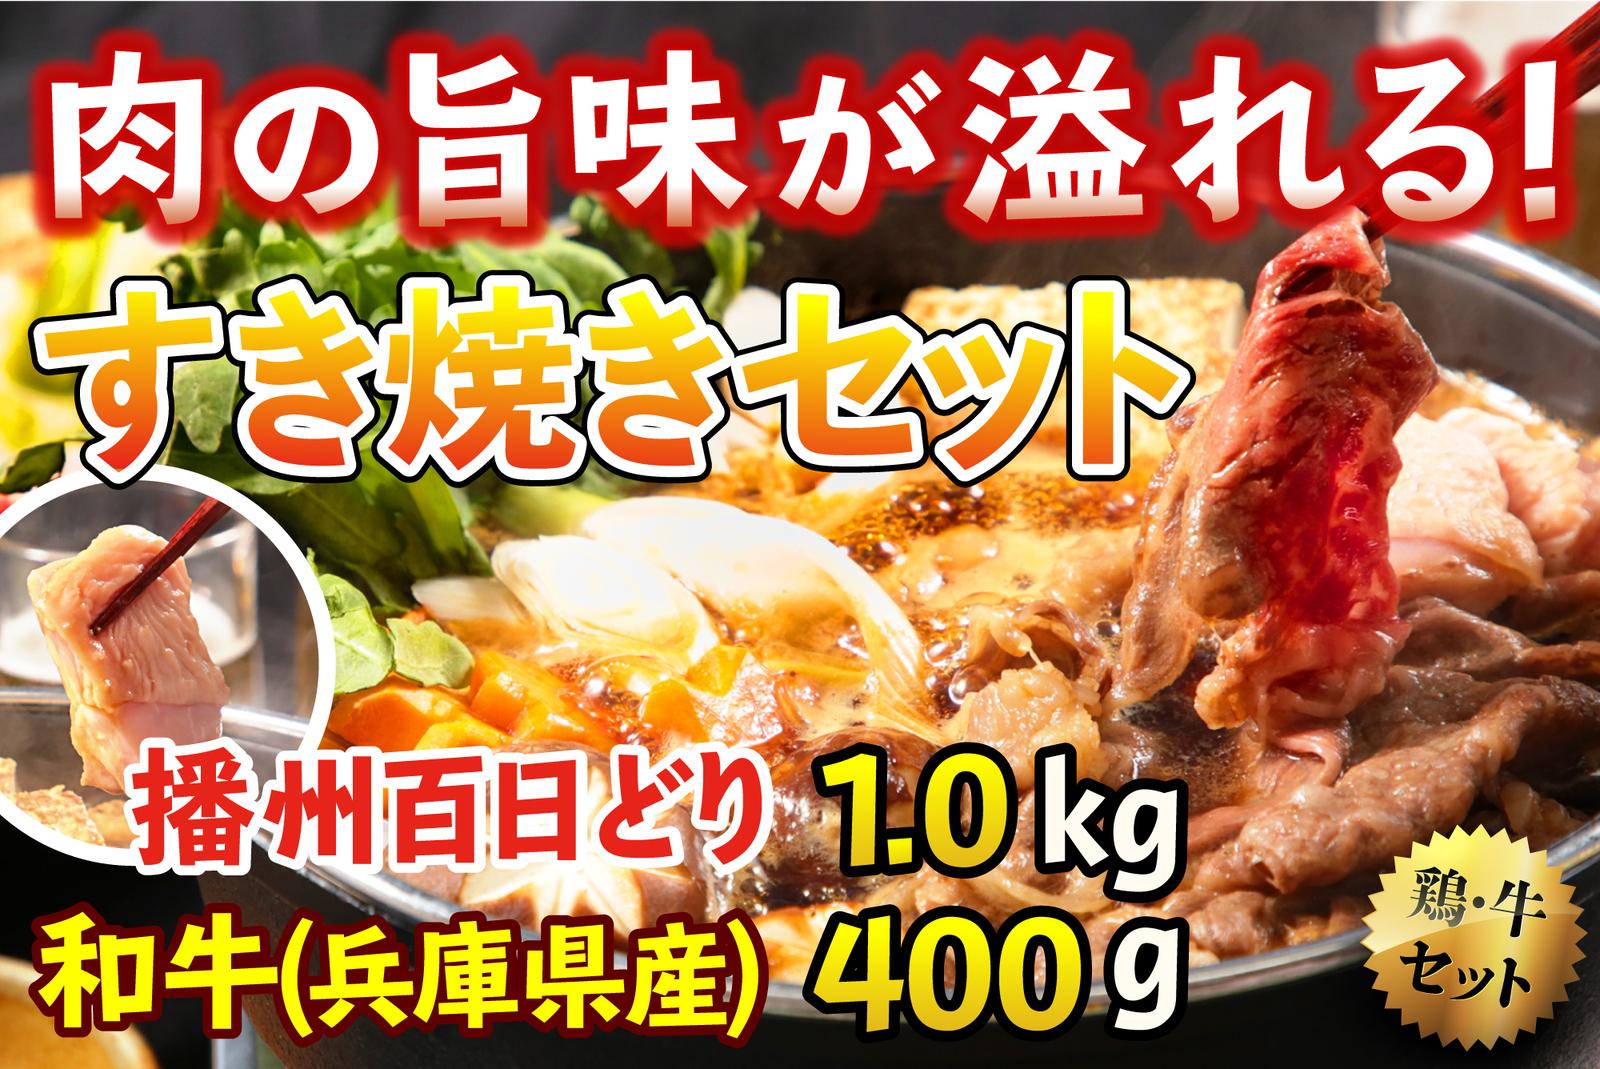 播州百日どりのモモムネと兵庫県産和牛ロースをすき焼きセットにしました 格安激安 ふるさと納税 466 肉の旨味が溢れる すき焼きセット 引出物